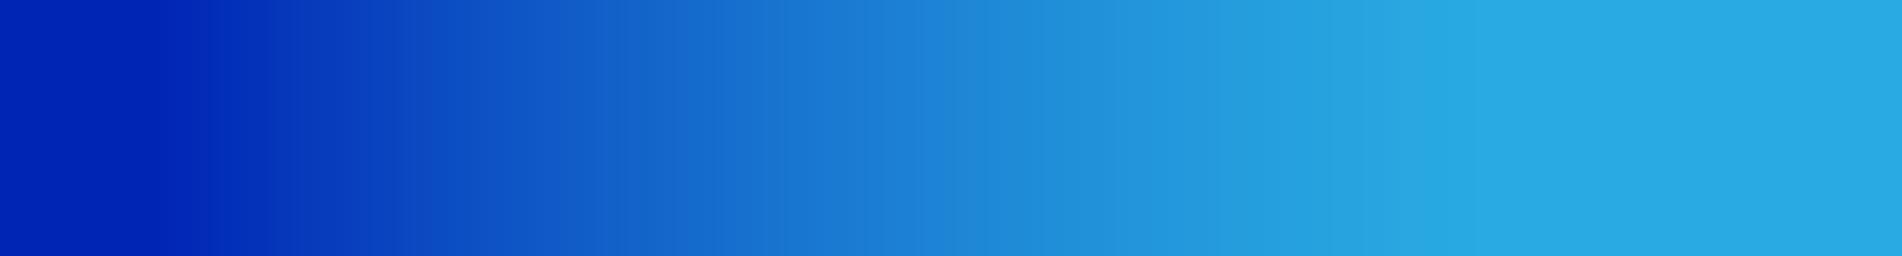 BLUE-GRADIENT-STRIP-2.png